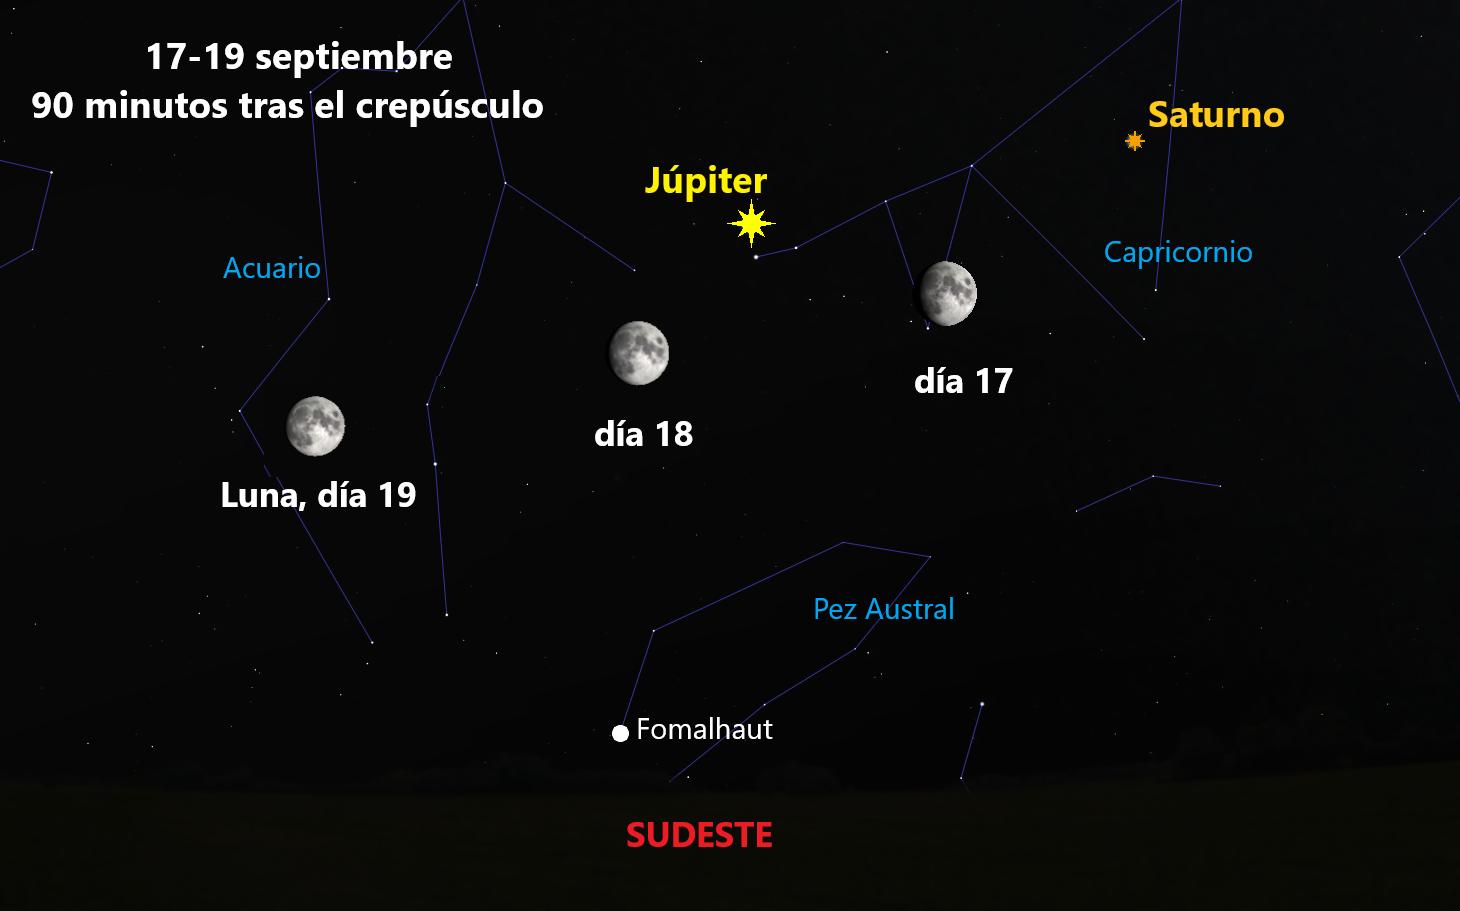 Conjunción de Júpiter, Saturno y la Luna